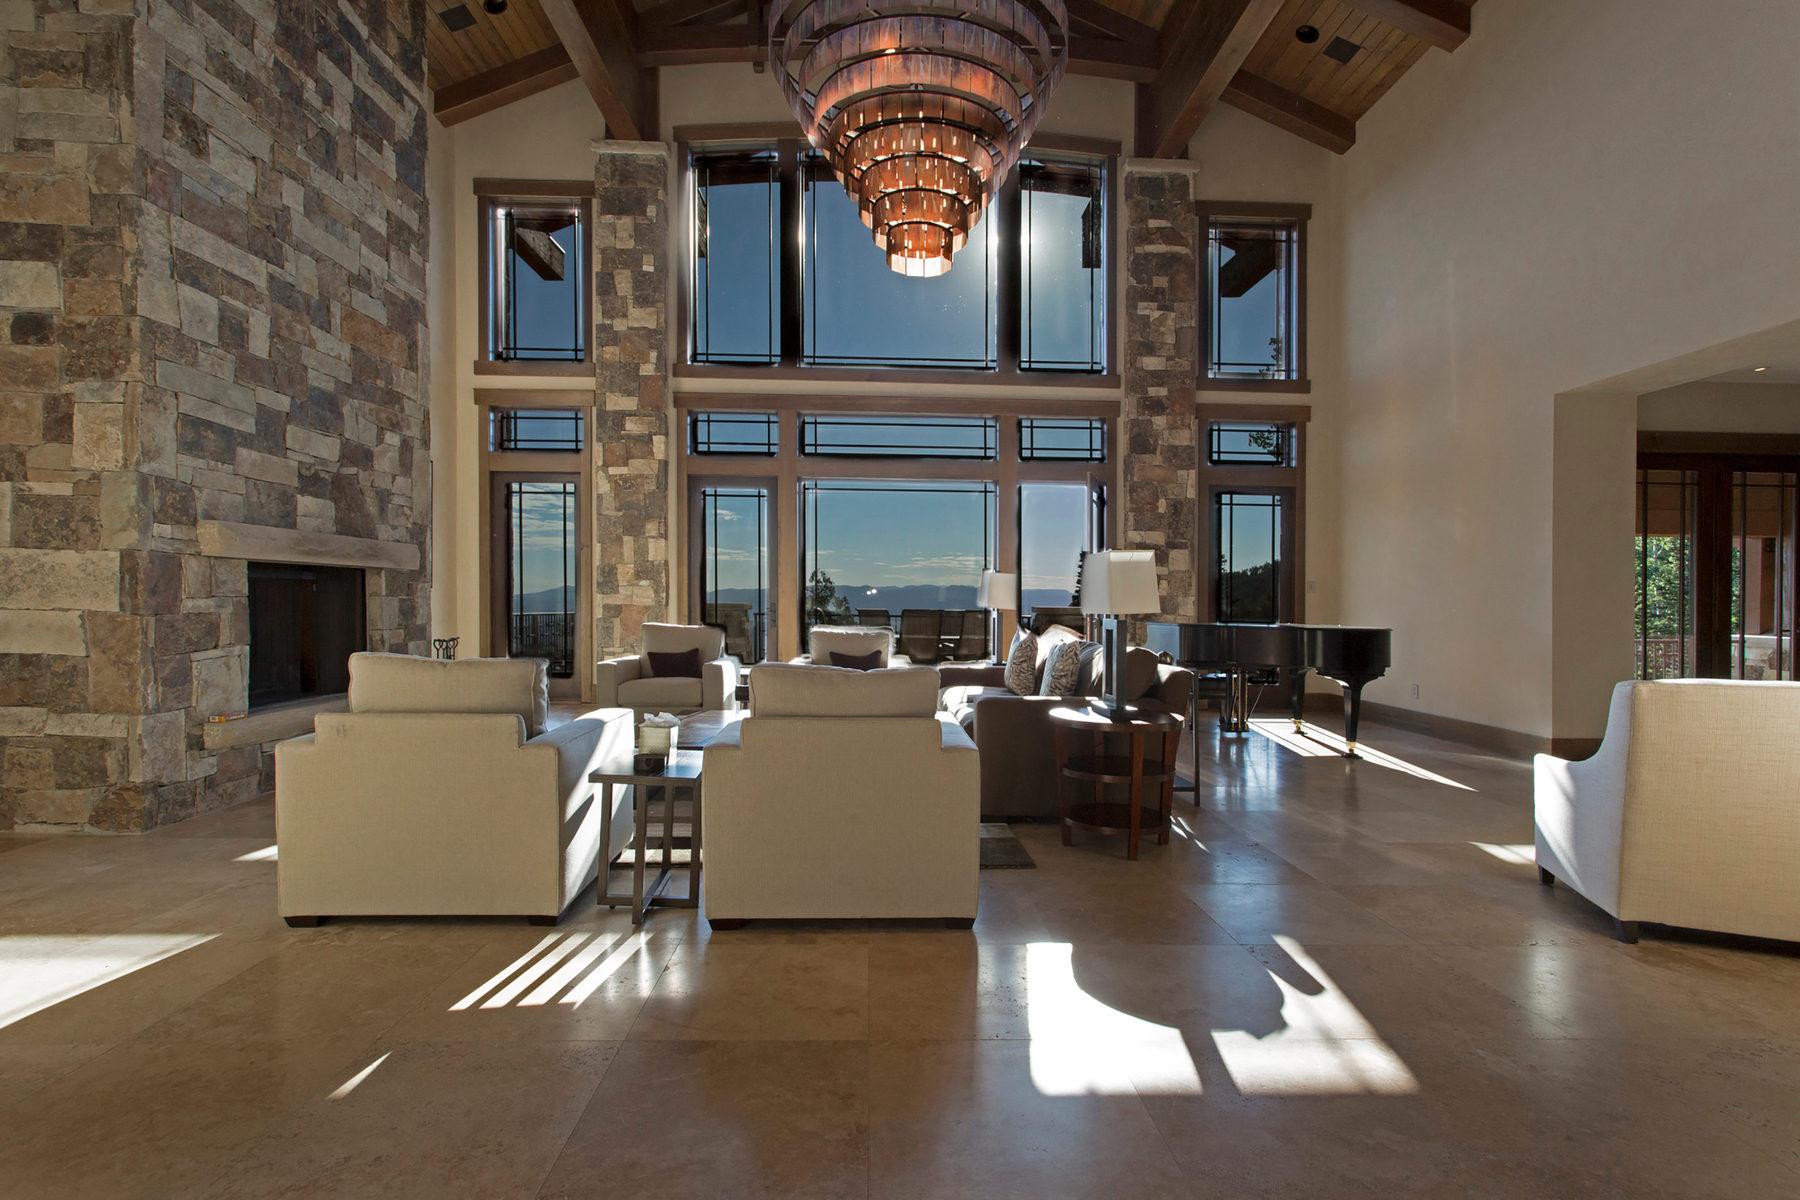 Частный односемейный дом для того Продажа на Untracked Powder at the Top of the World 63 Red Cloud Trl Park City, Юта 84060 Соединенные Штаты